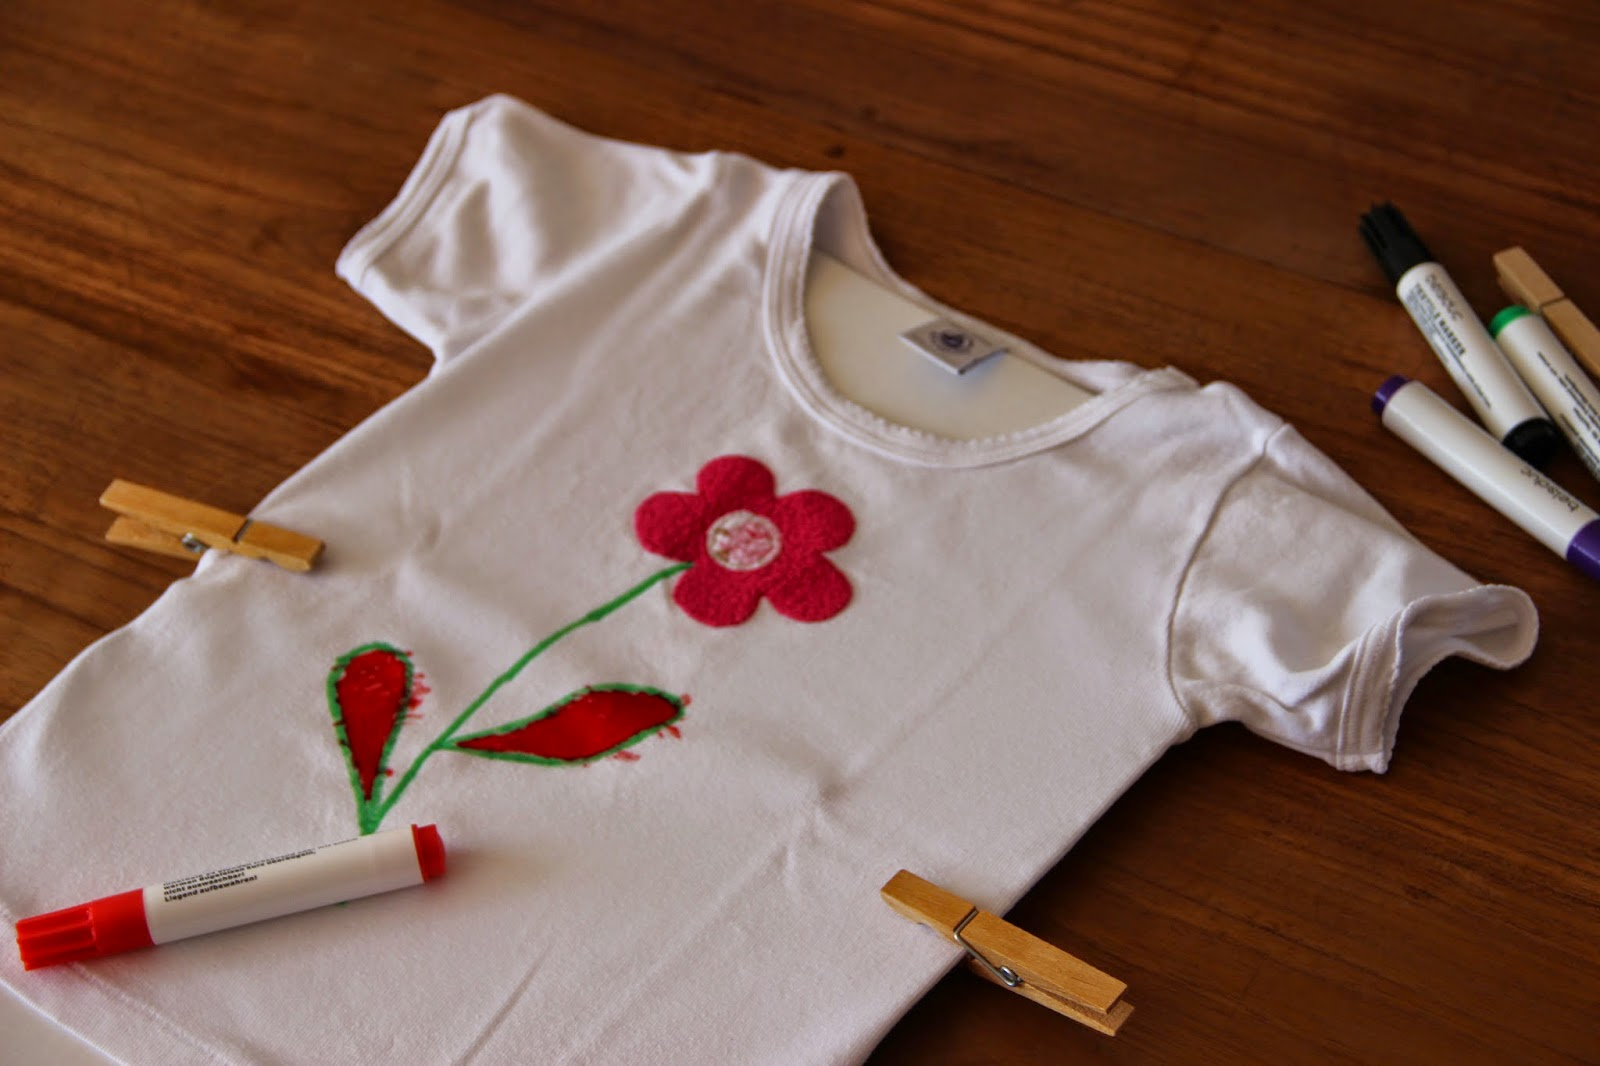 Zeitschriftenwurm Diy Mit Kindern T Shirts Bemalen